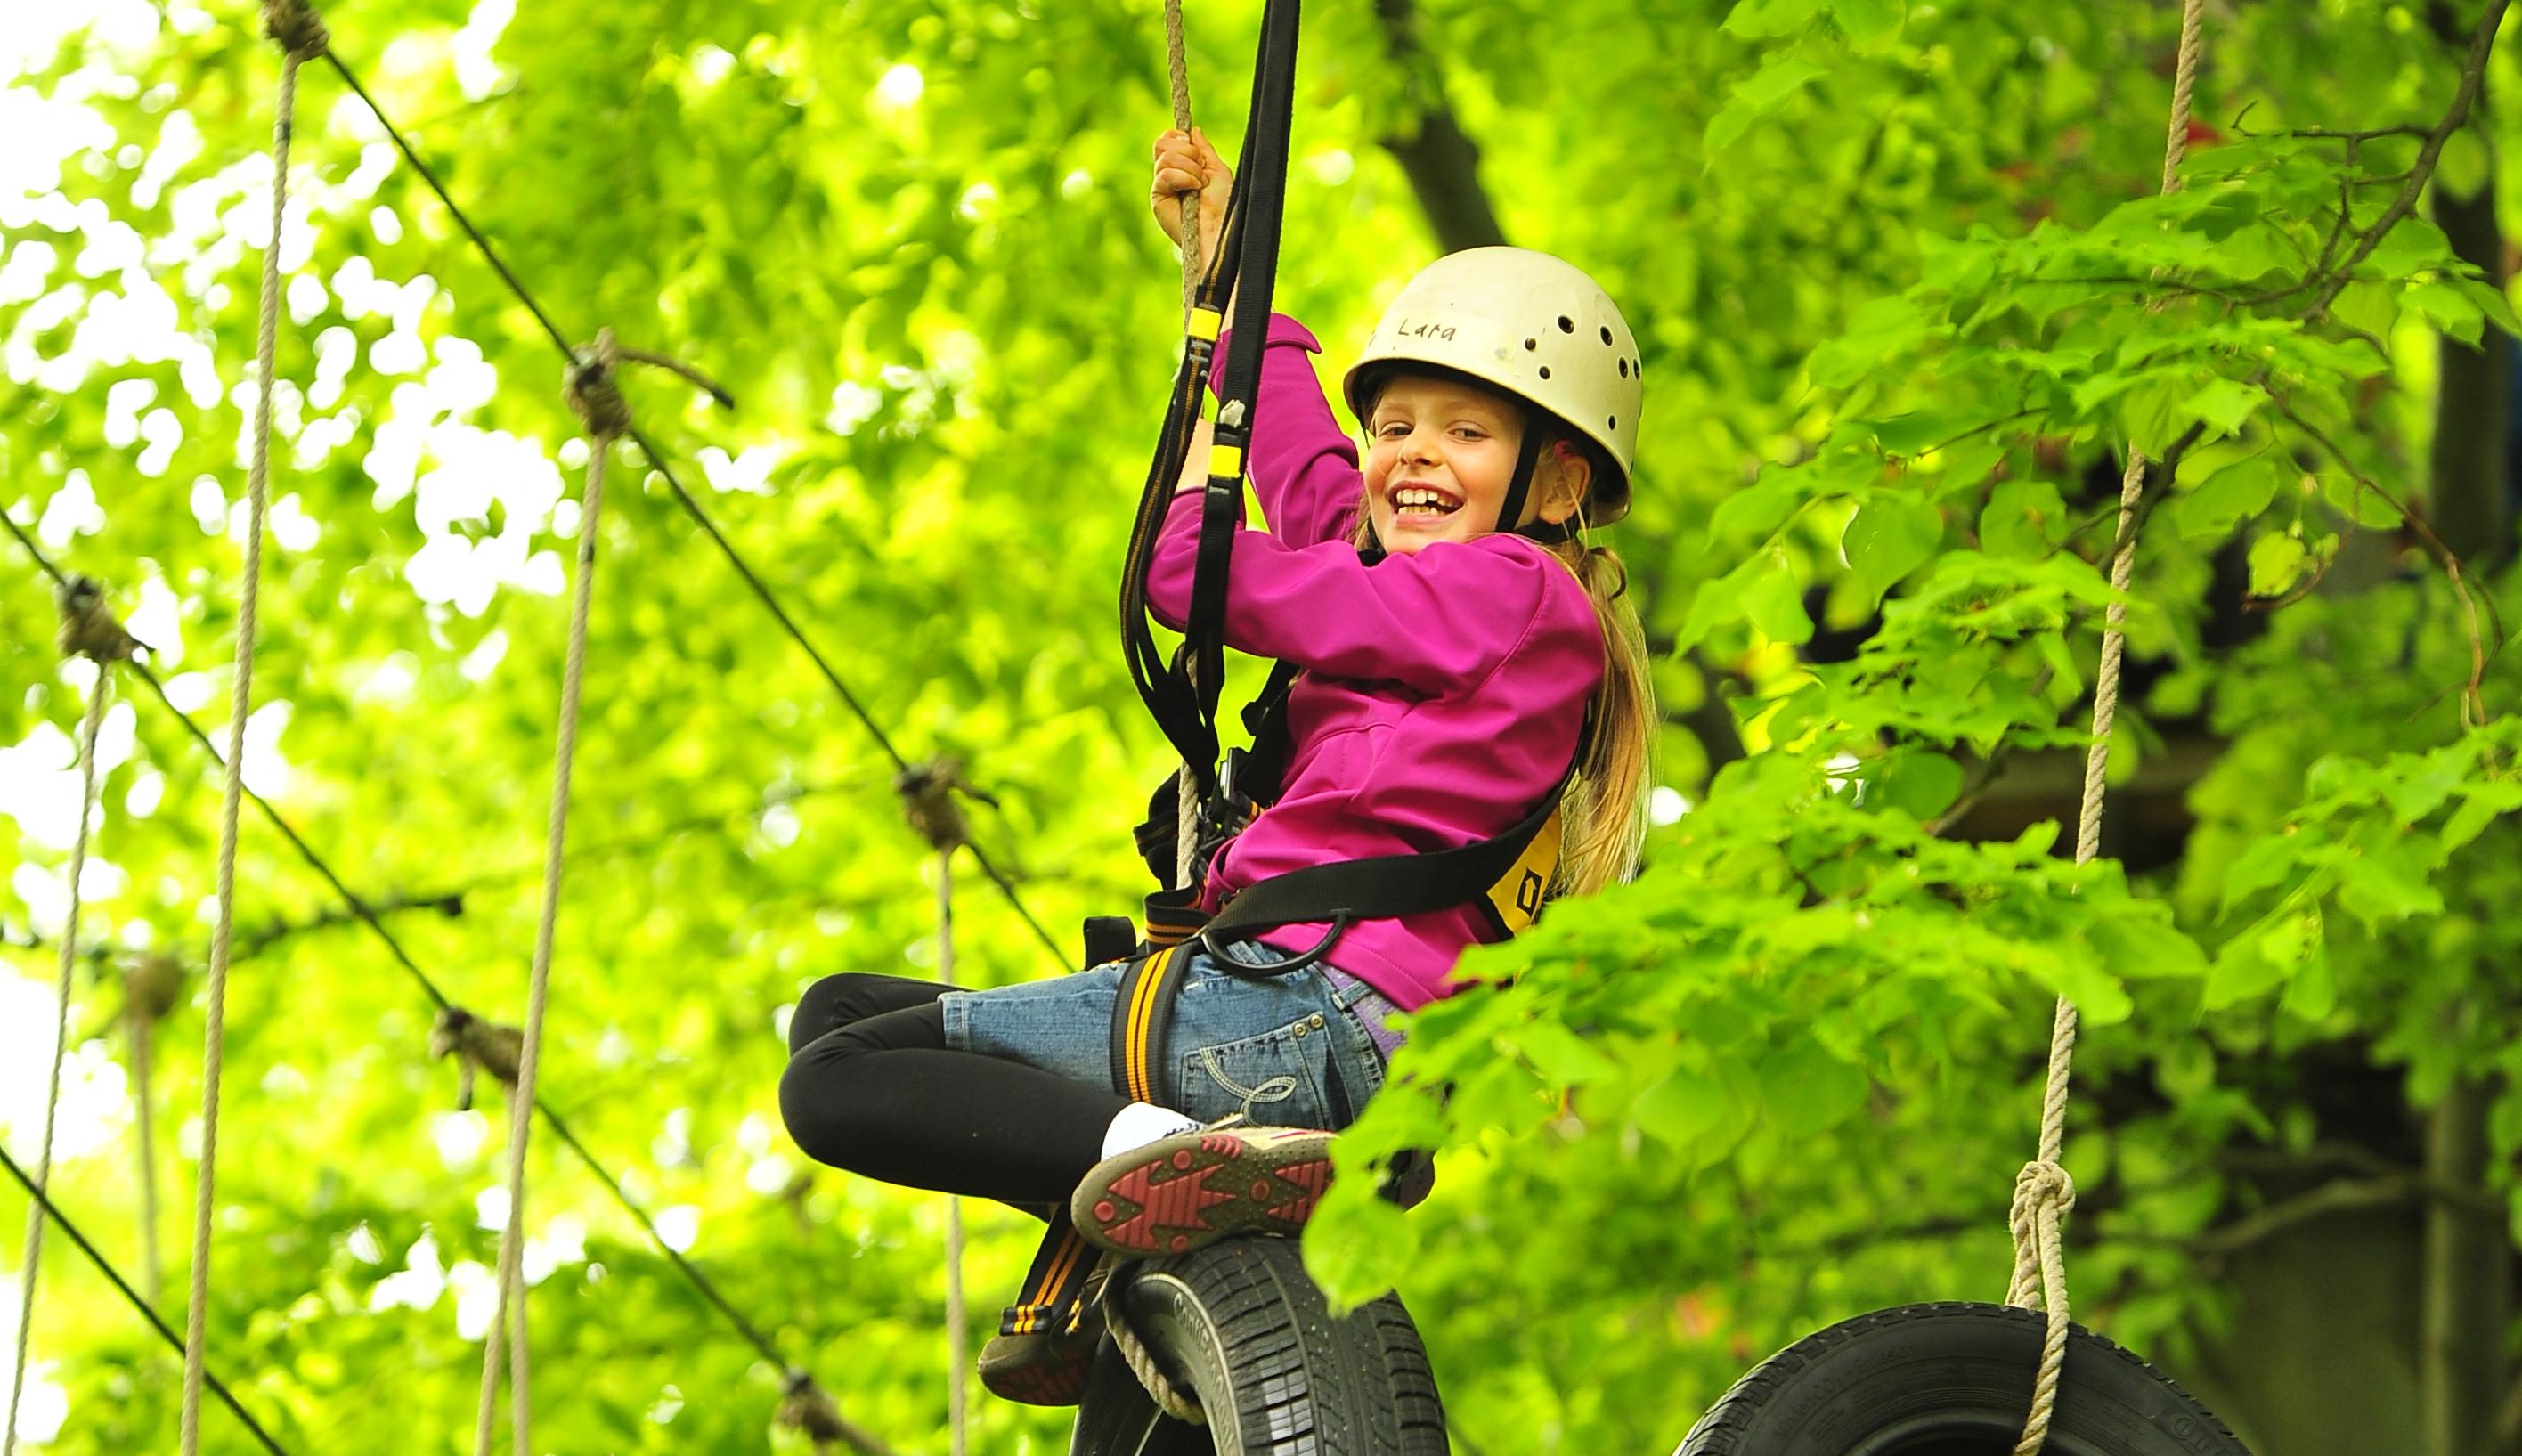 Kletterausrüstung Kiel : High spirits hochseilgarten kiel der kinderparcours